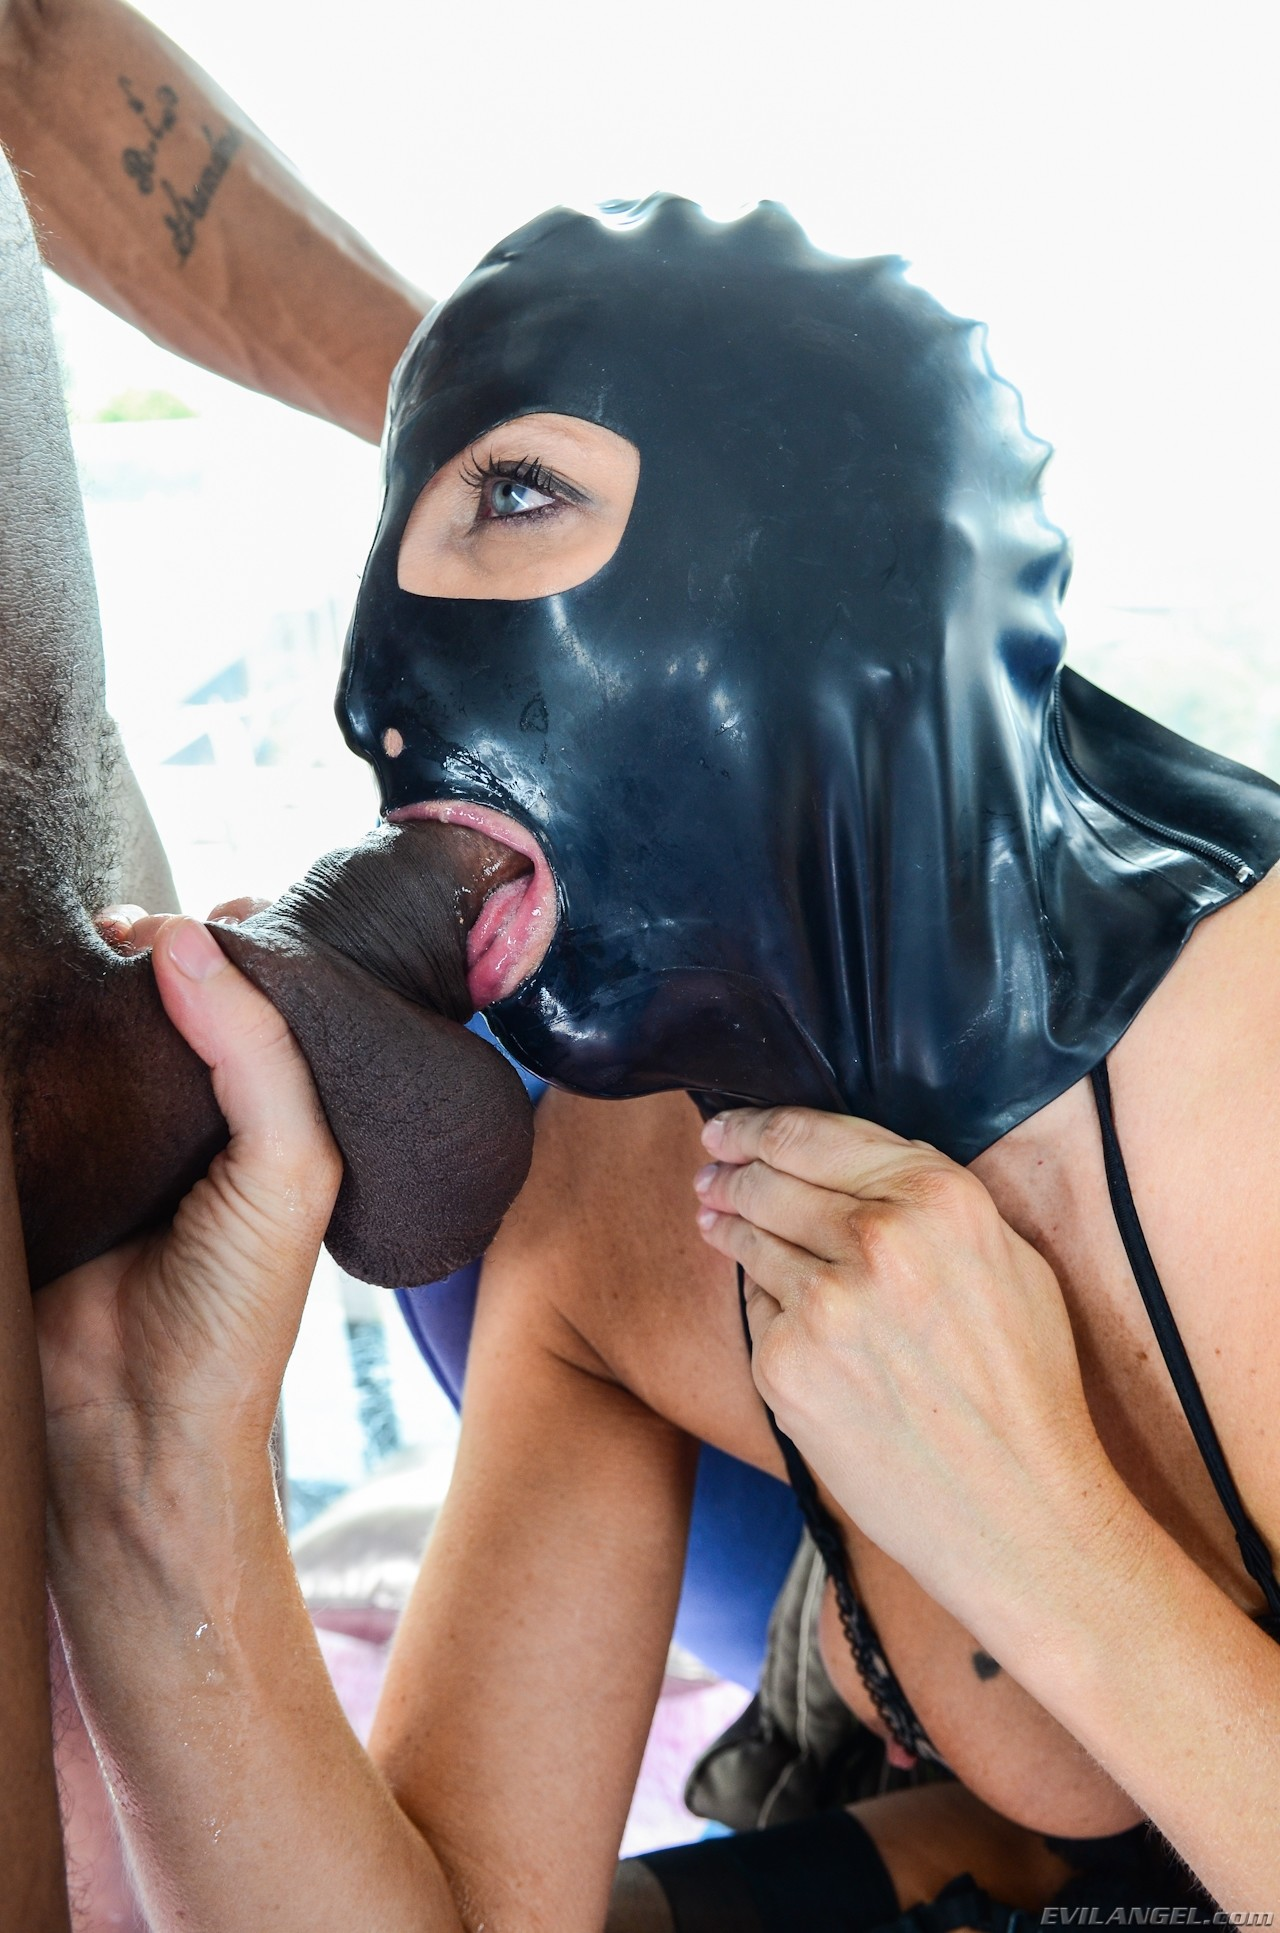 Смотреть порно маска, эротика в национальных костюмах